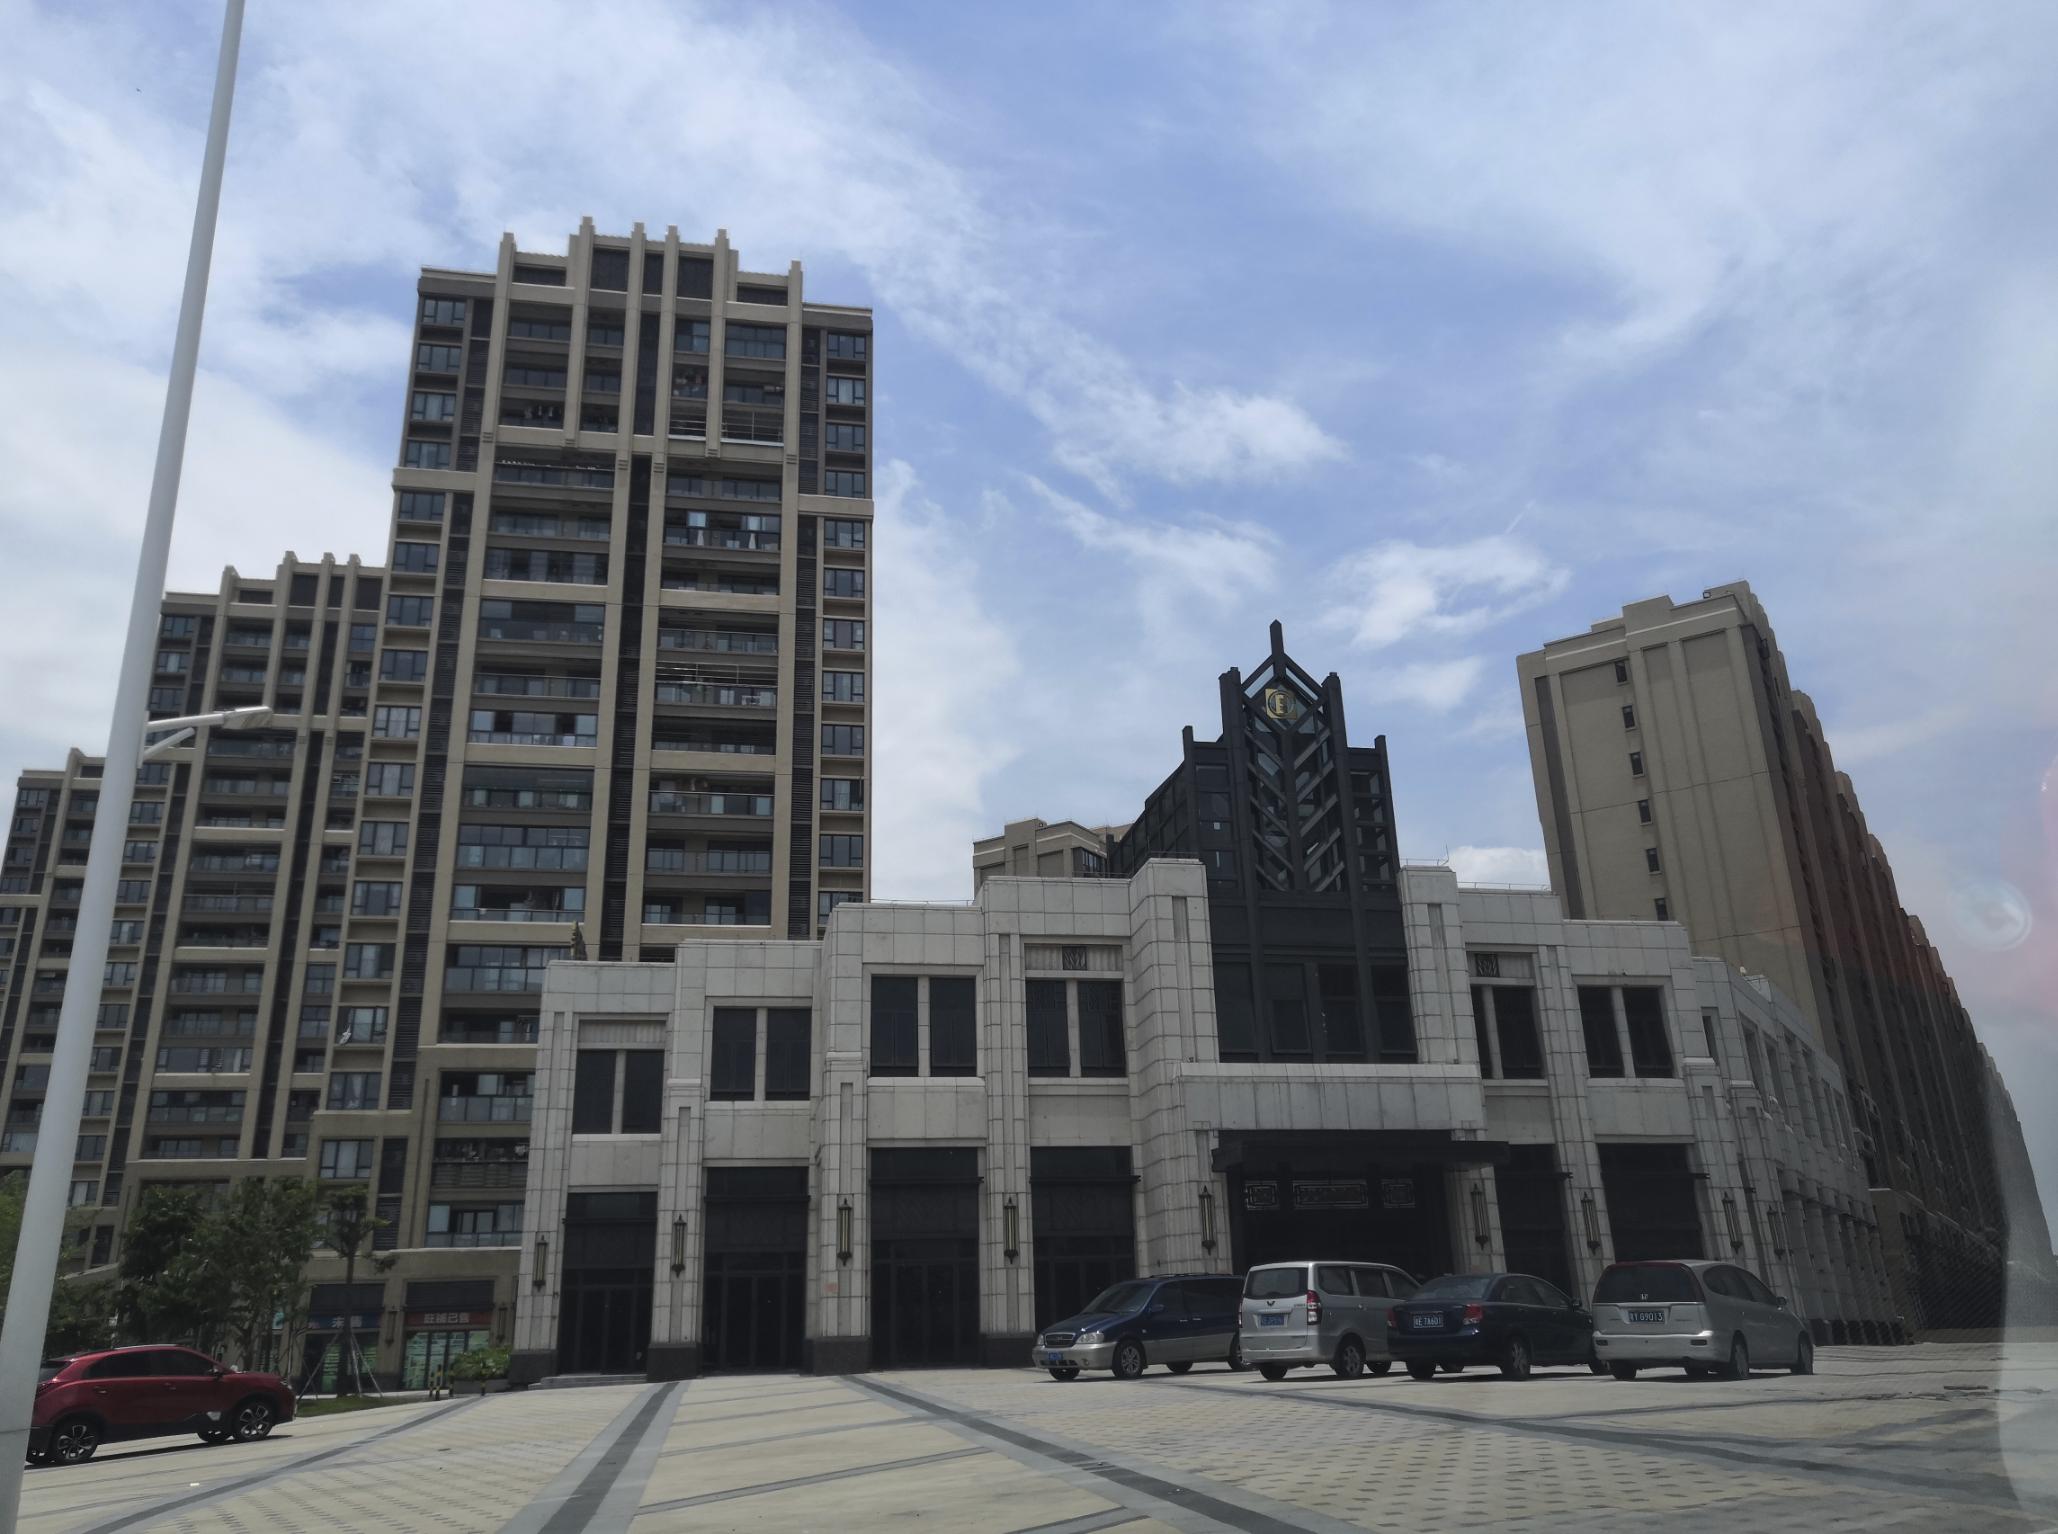 随着城市化发展,海口村推进的海湾城项目成为禅西最早的高端住宅区之一 。孙景锋 摄